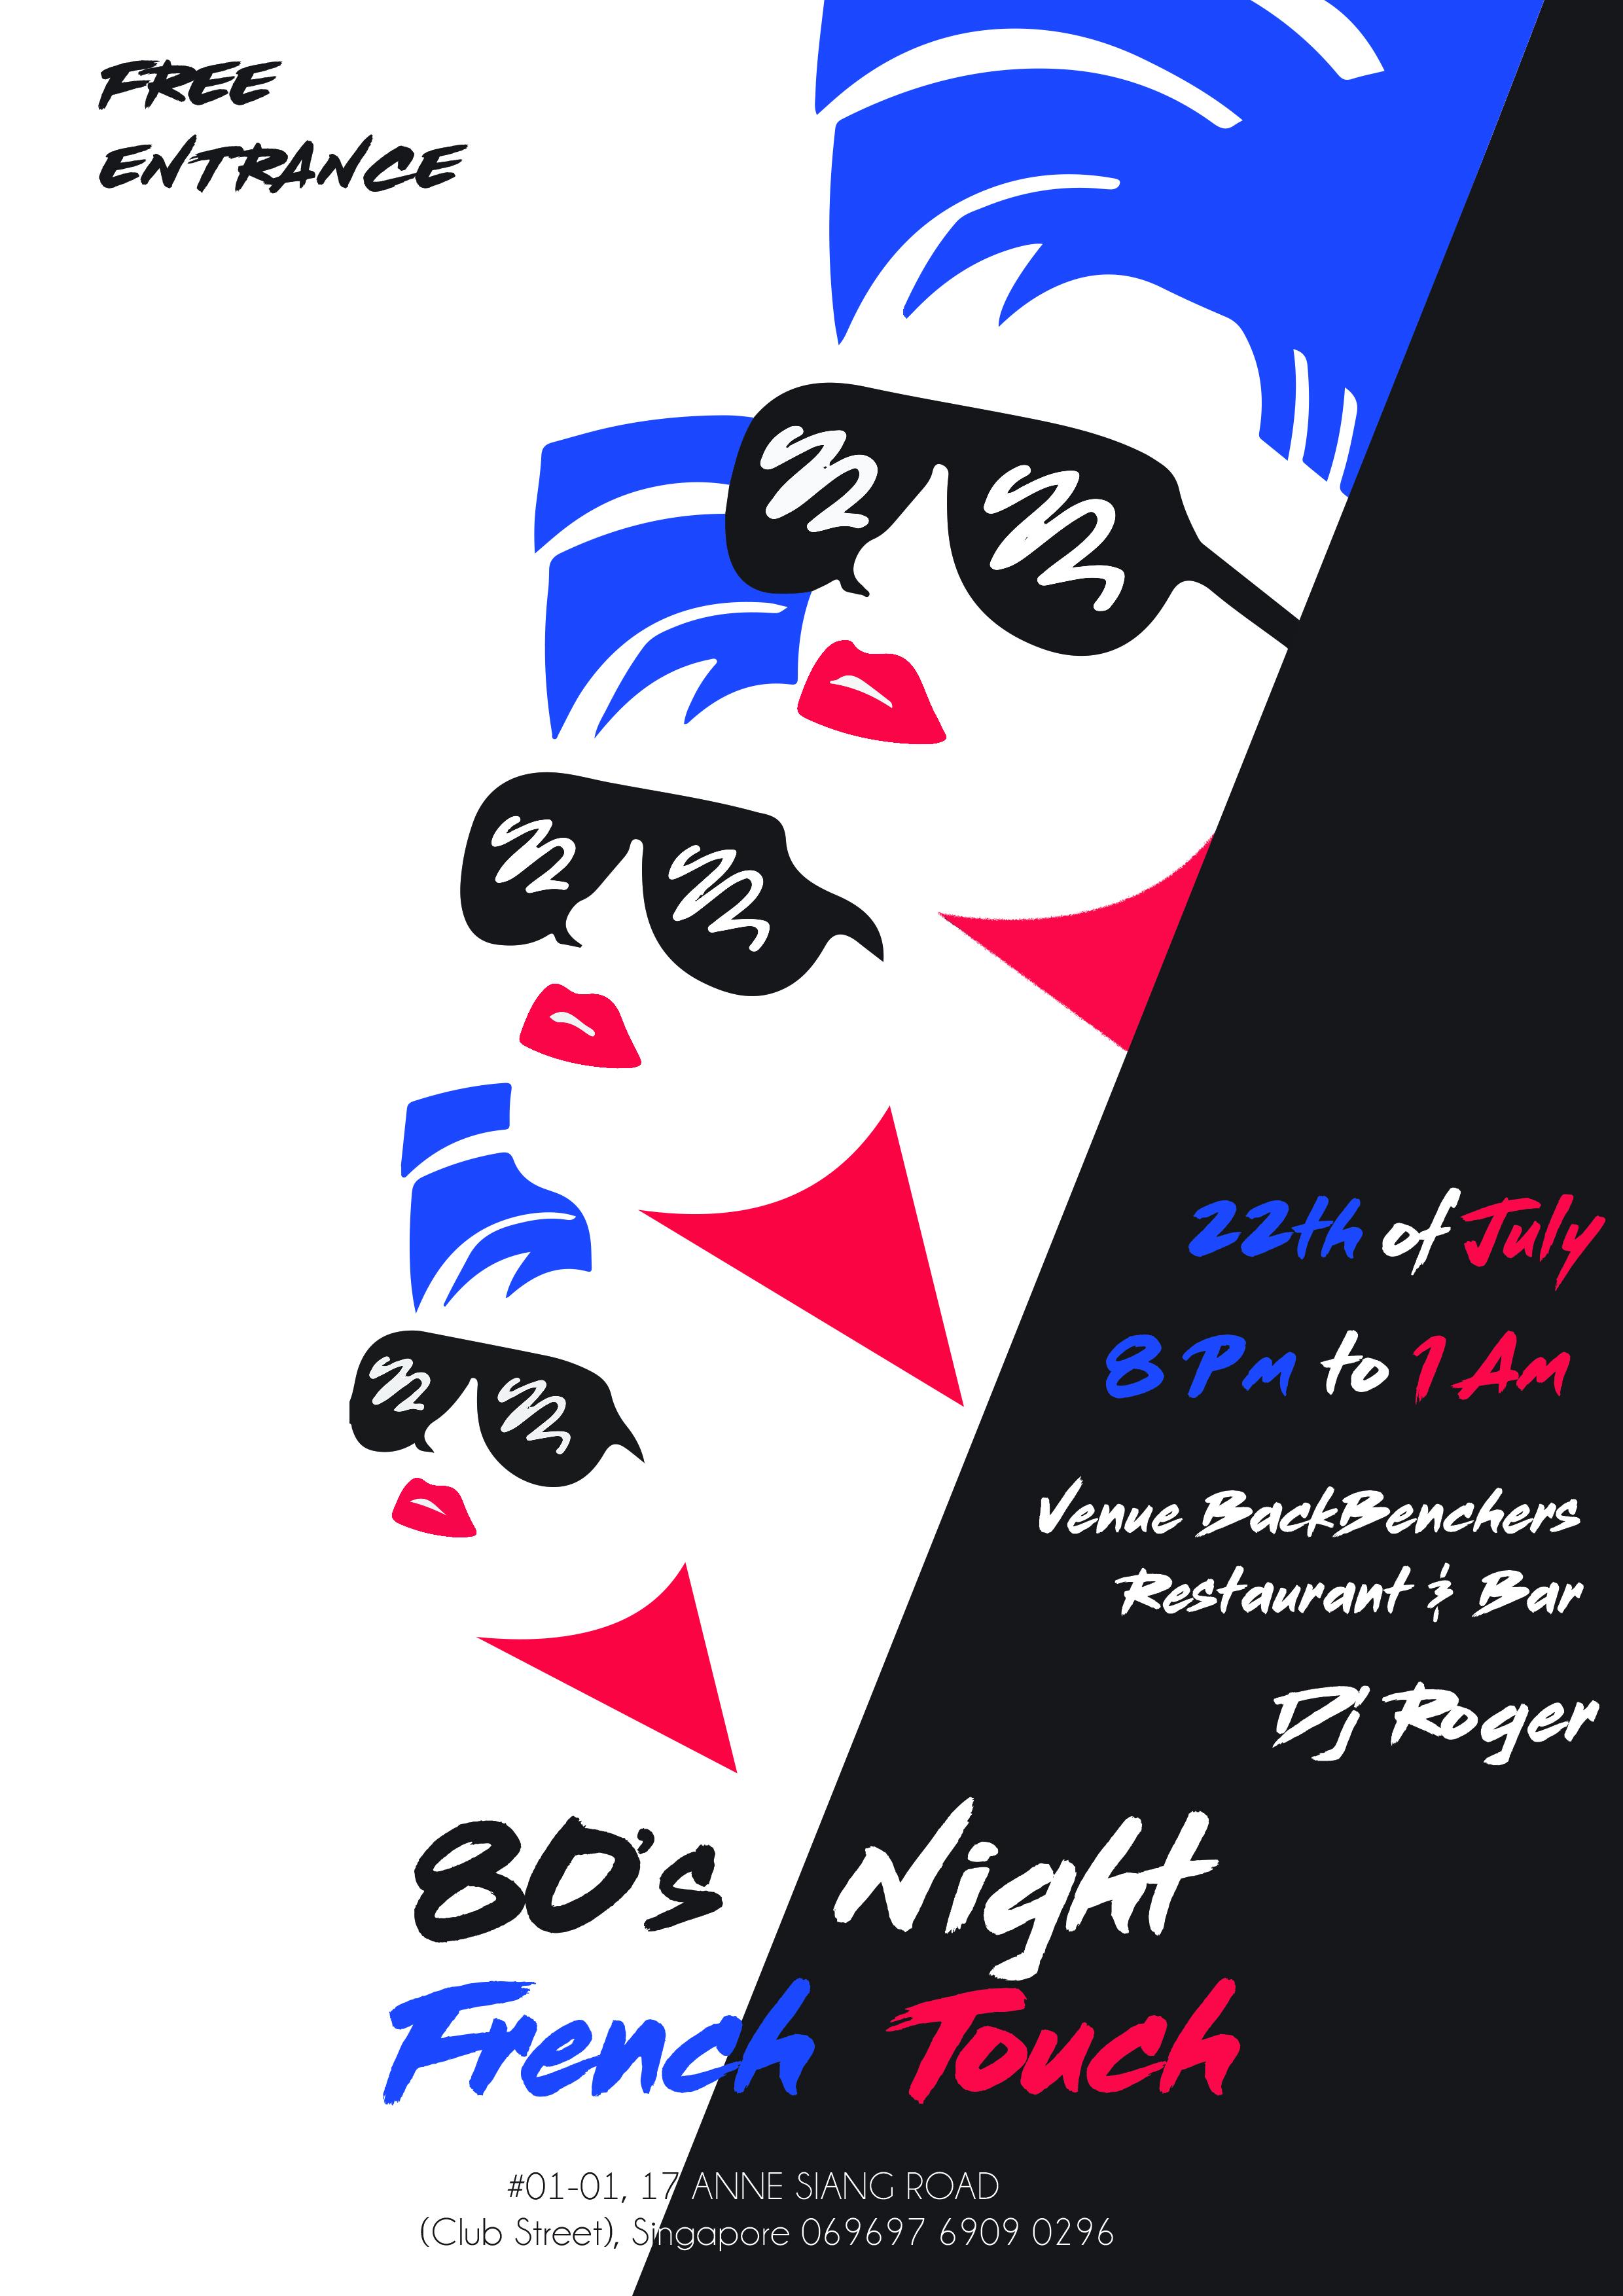 image-Années 80's avec Touche Française!